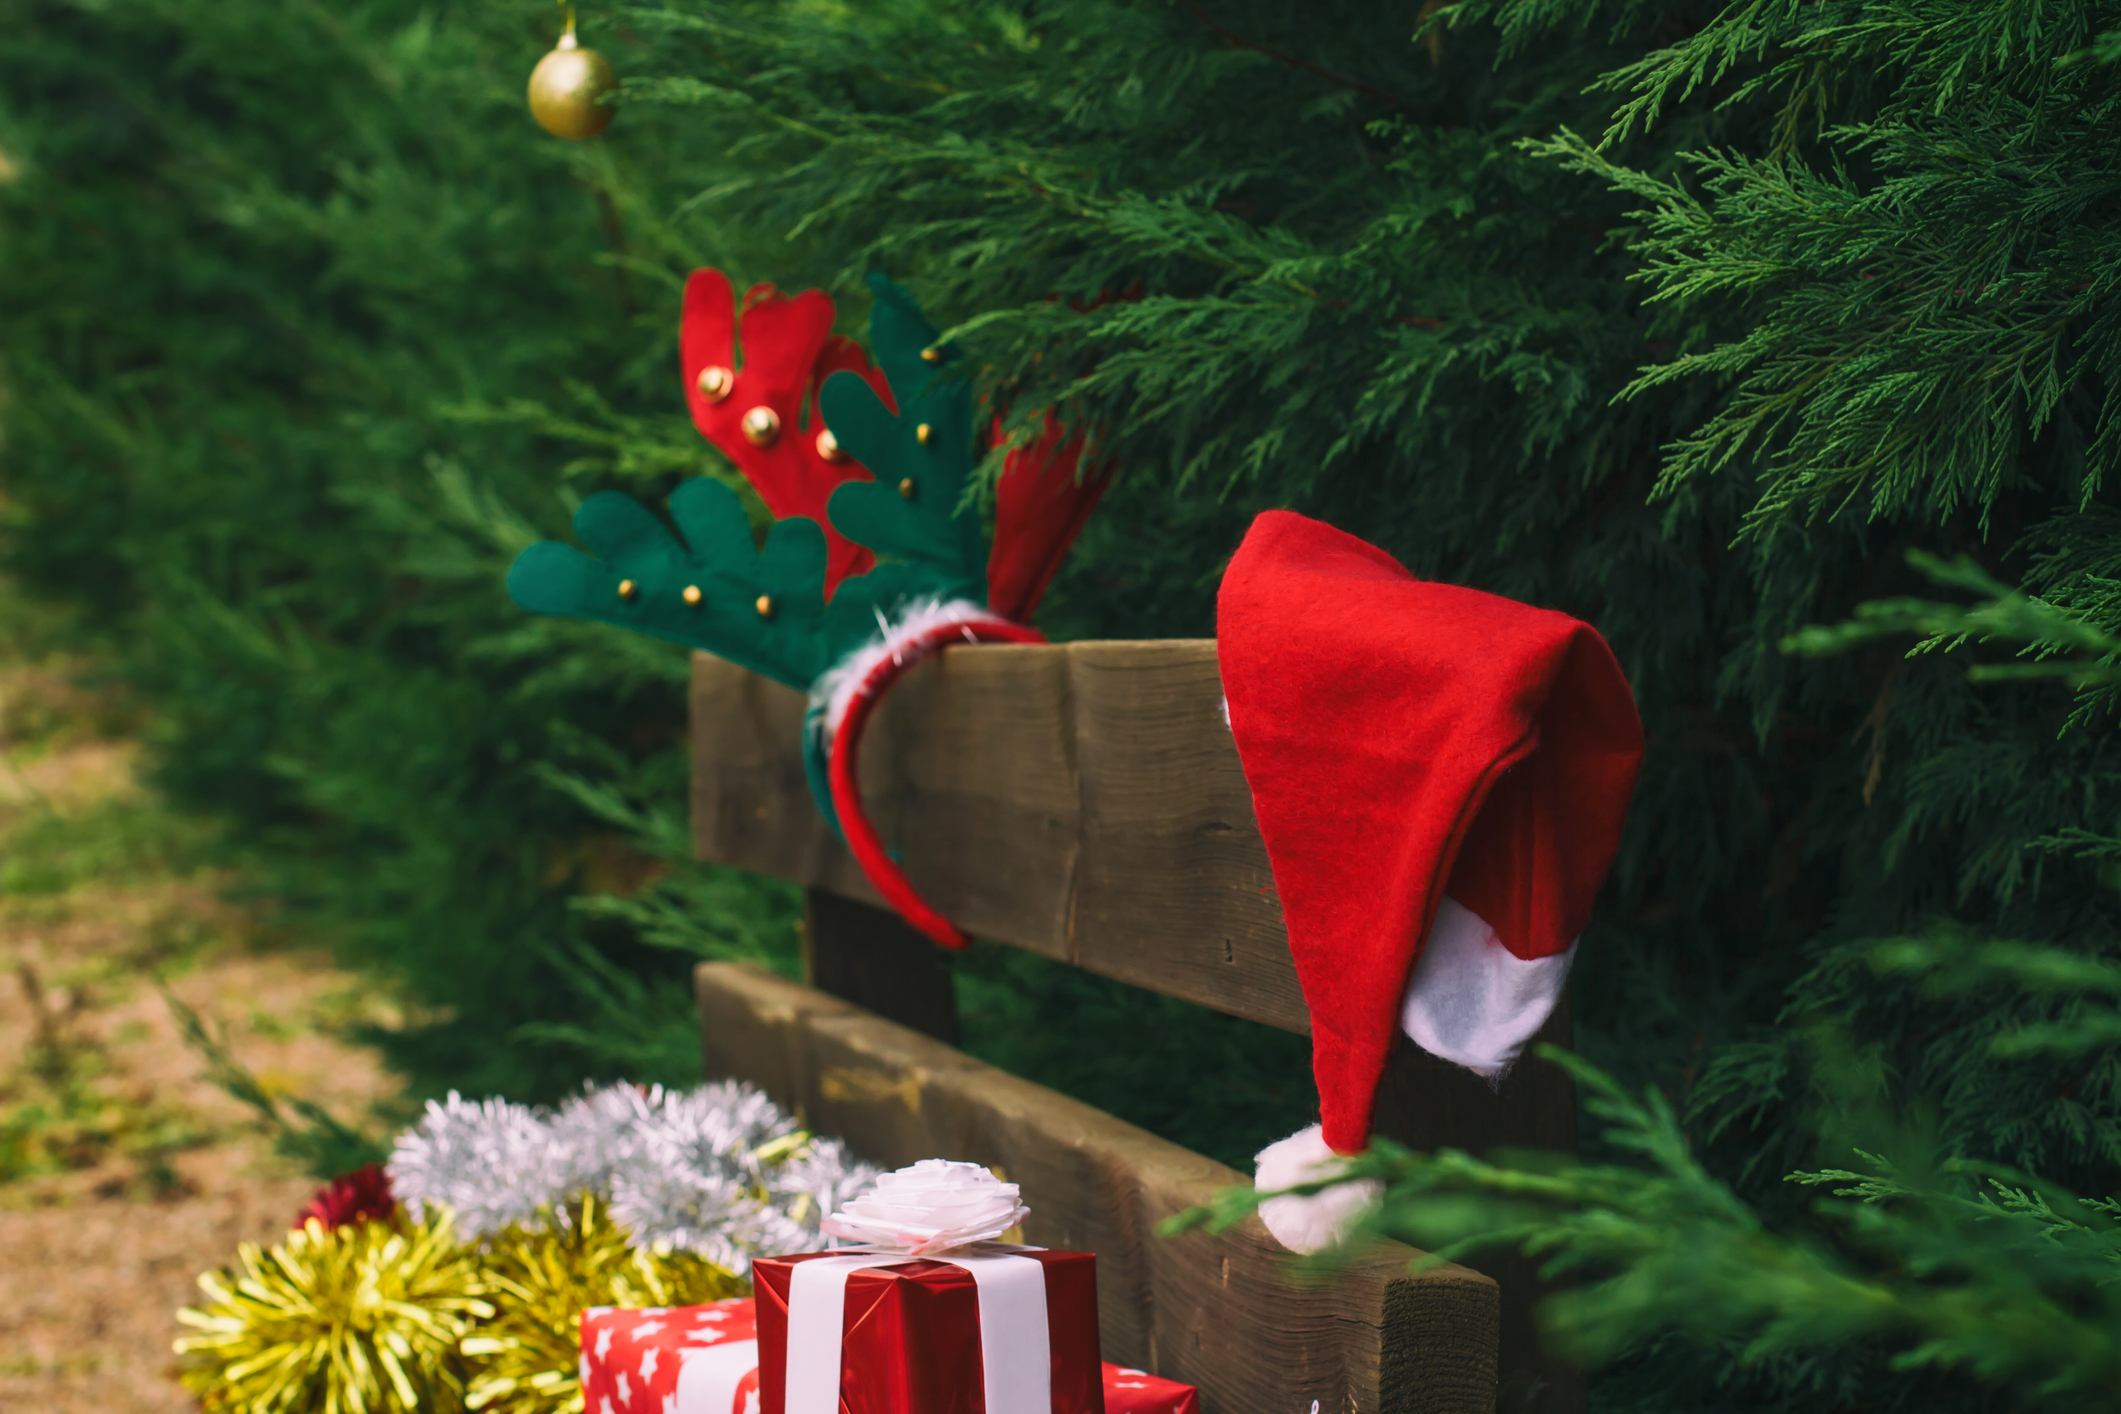 Christmas decor on bench